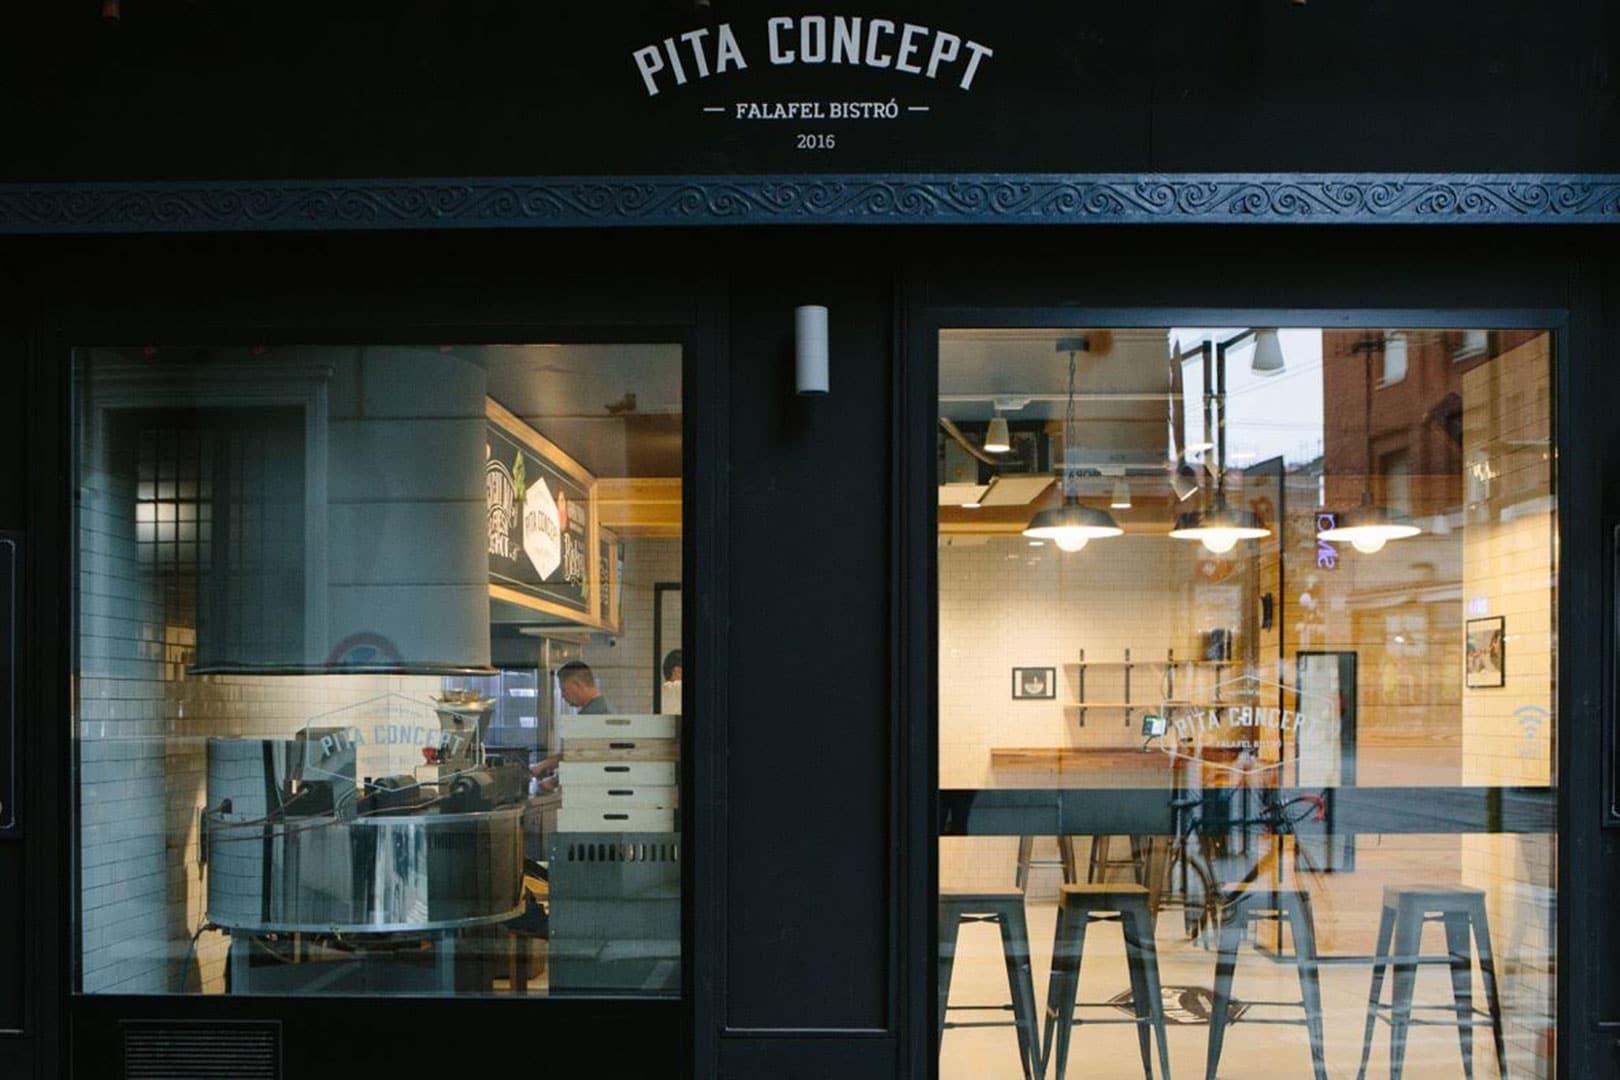 Pita Concept Milano